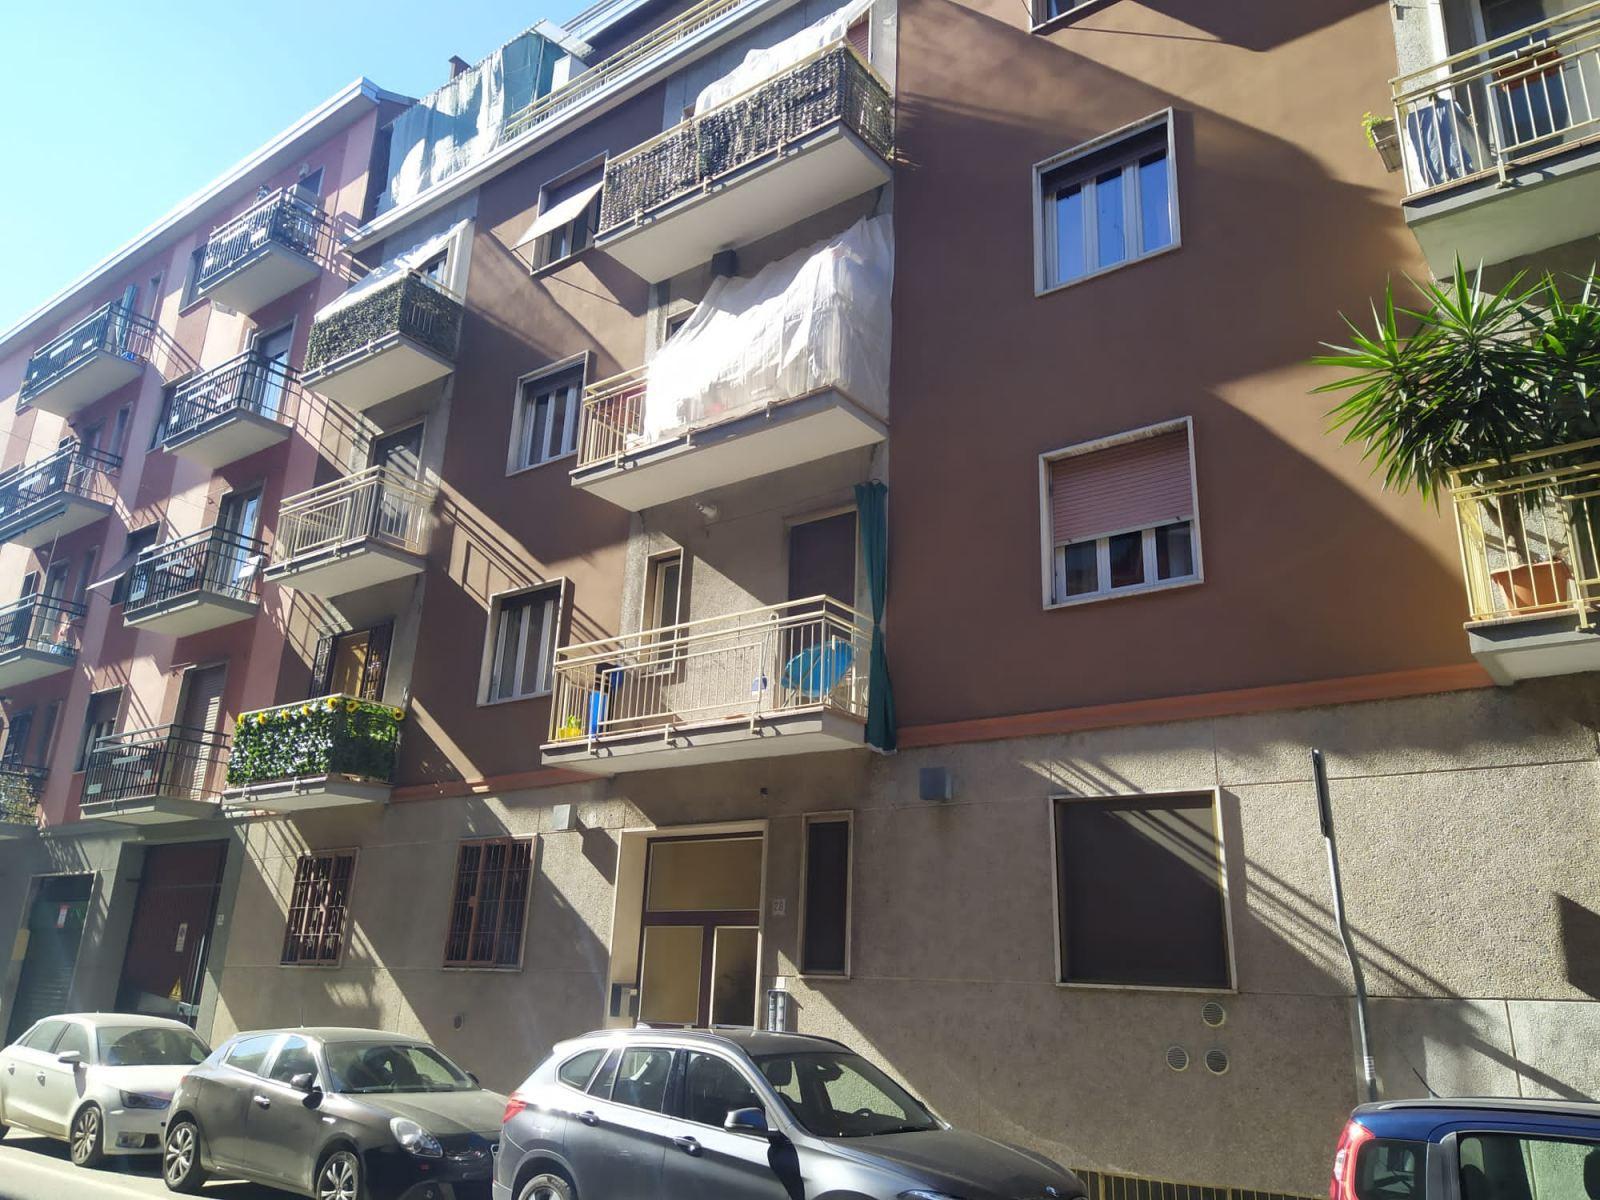 appartamento-bilocale-in-vendita-a-corsico-spaziourbano-immobiliare-vende-1